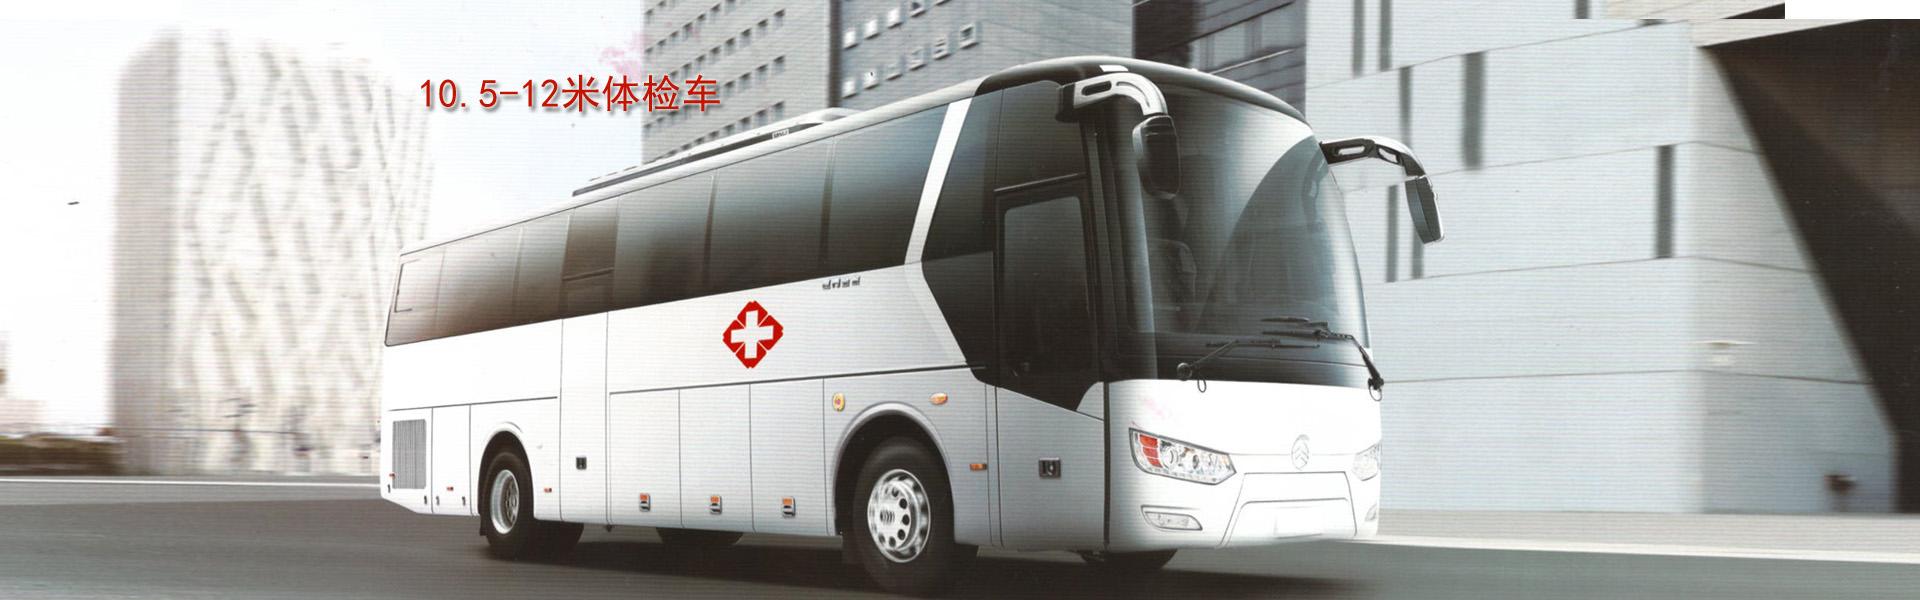 体检车厂家-广州市韦德国际娱乐城医疗设备股份有限公司